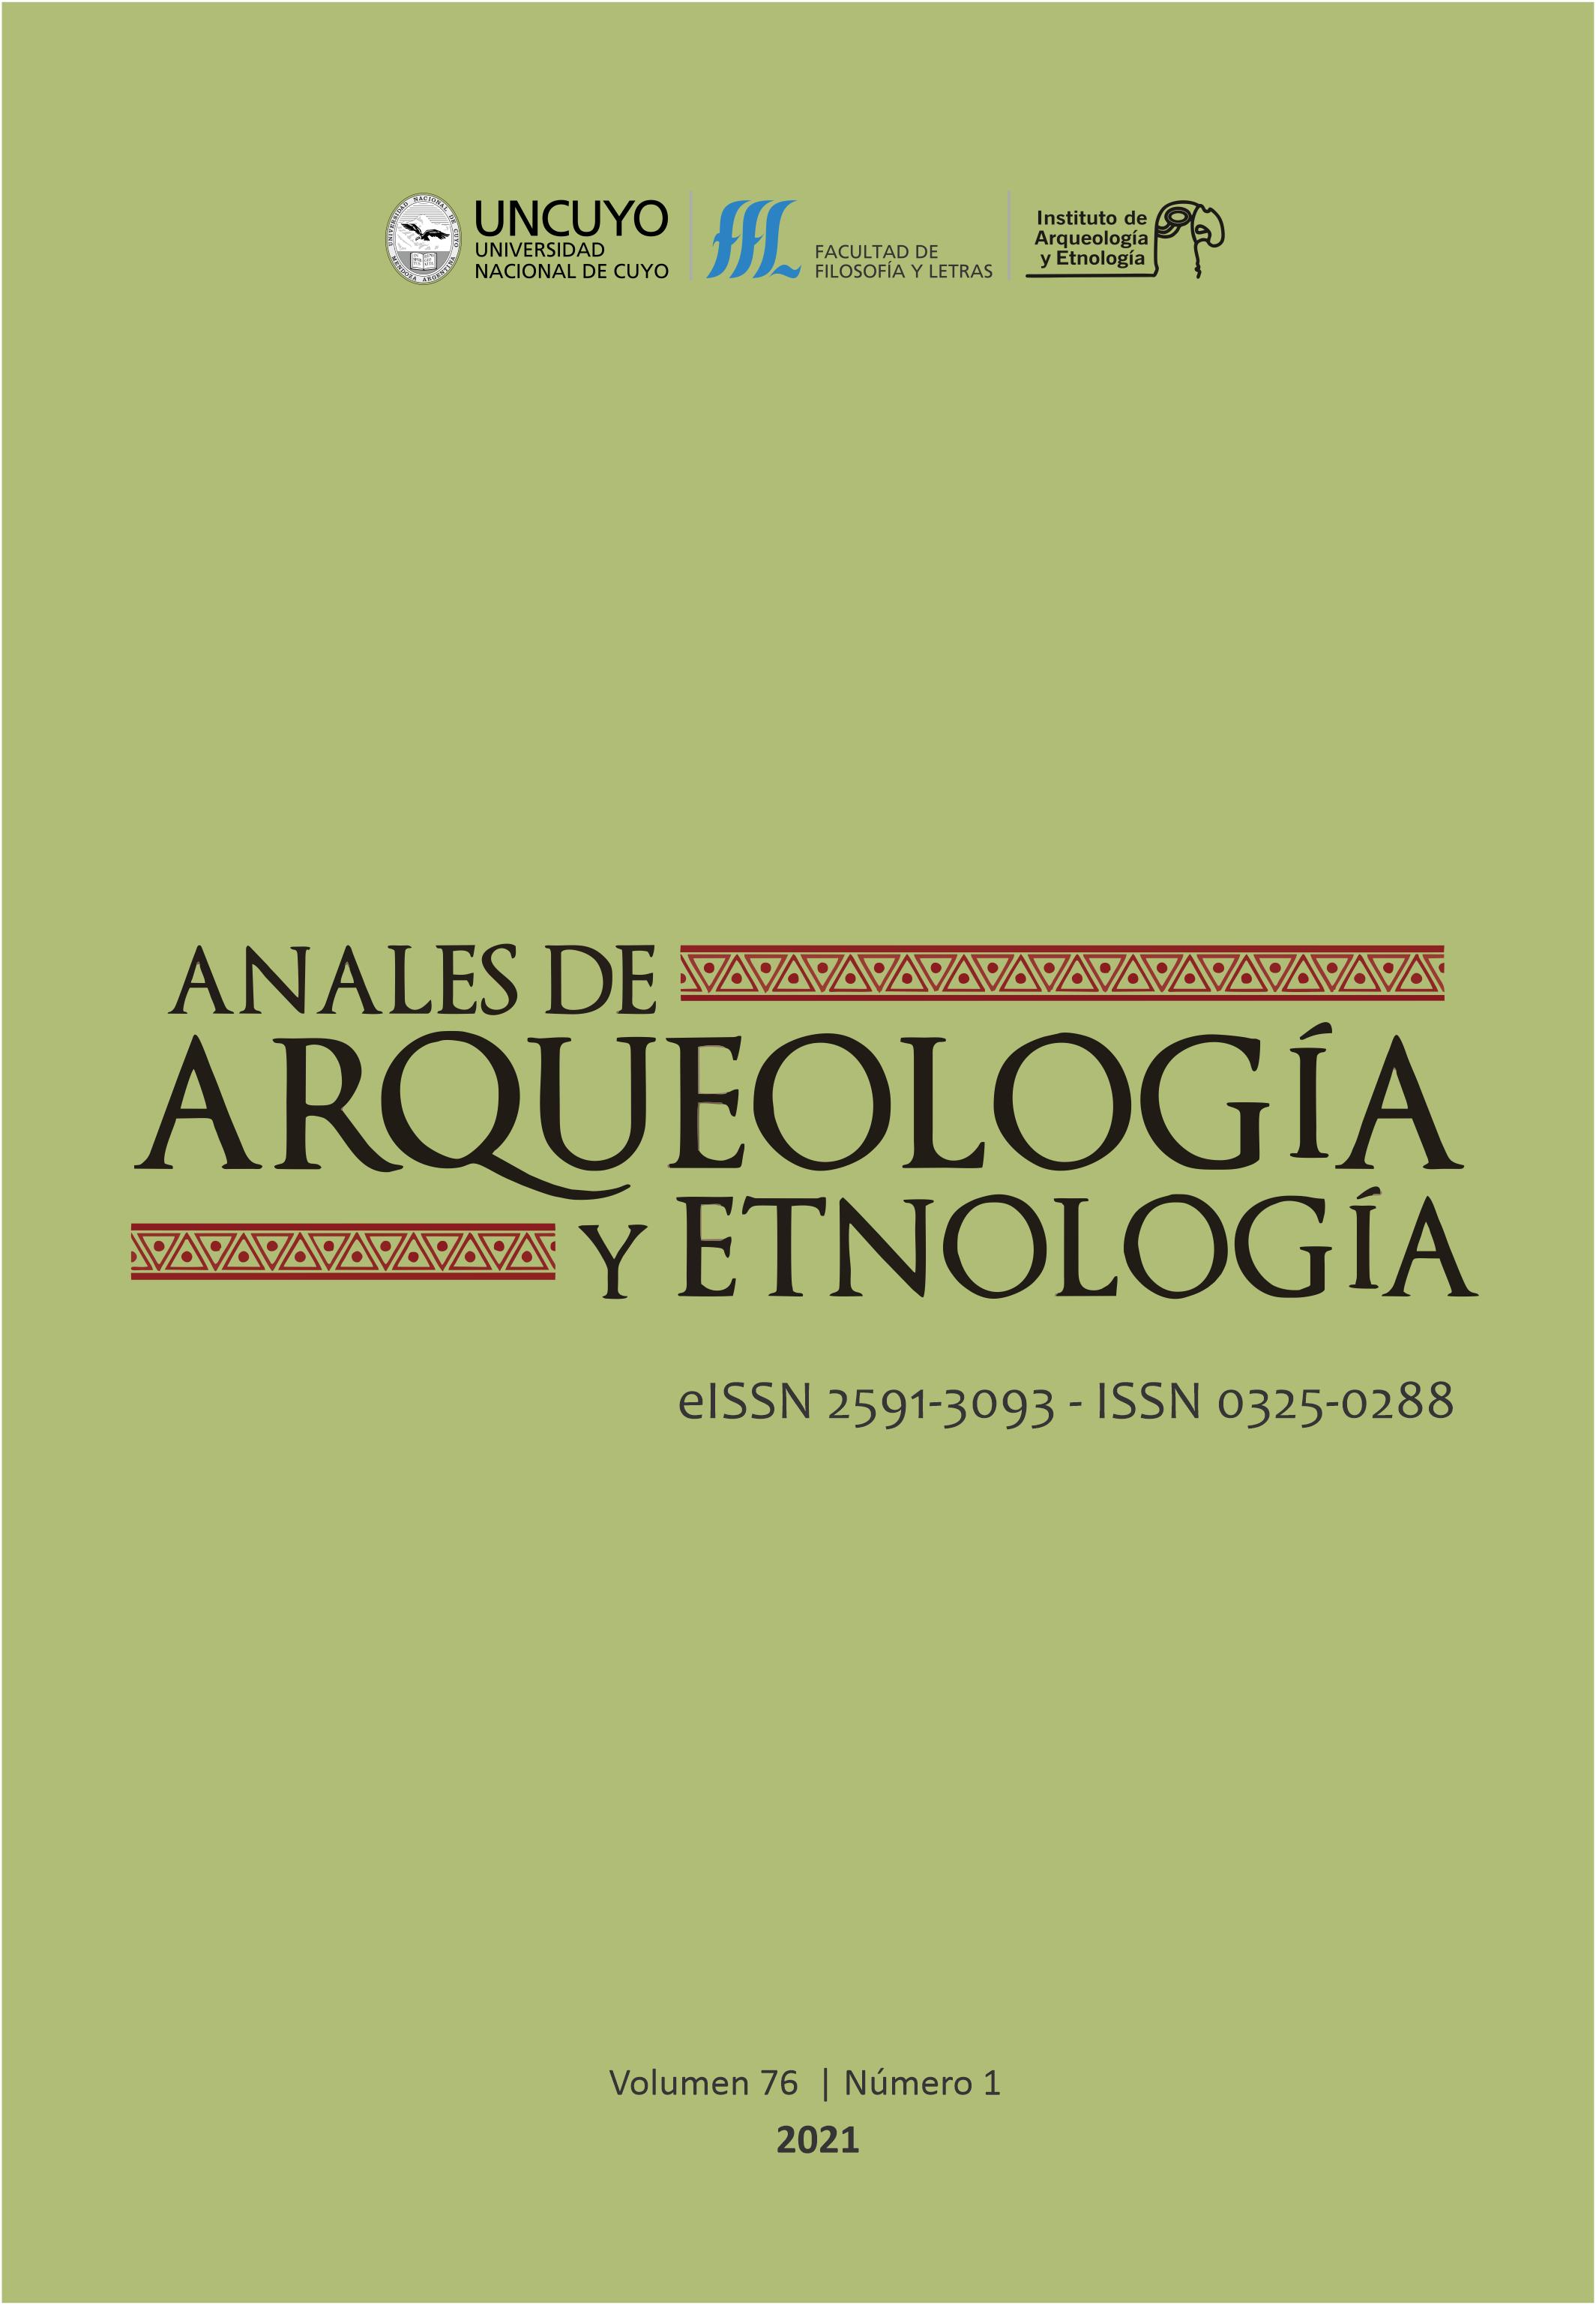 Anales de Arquelogía y Etnología 76